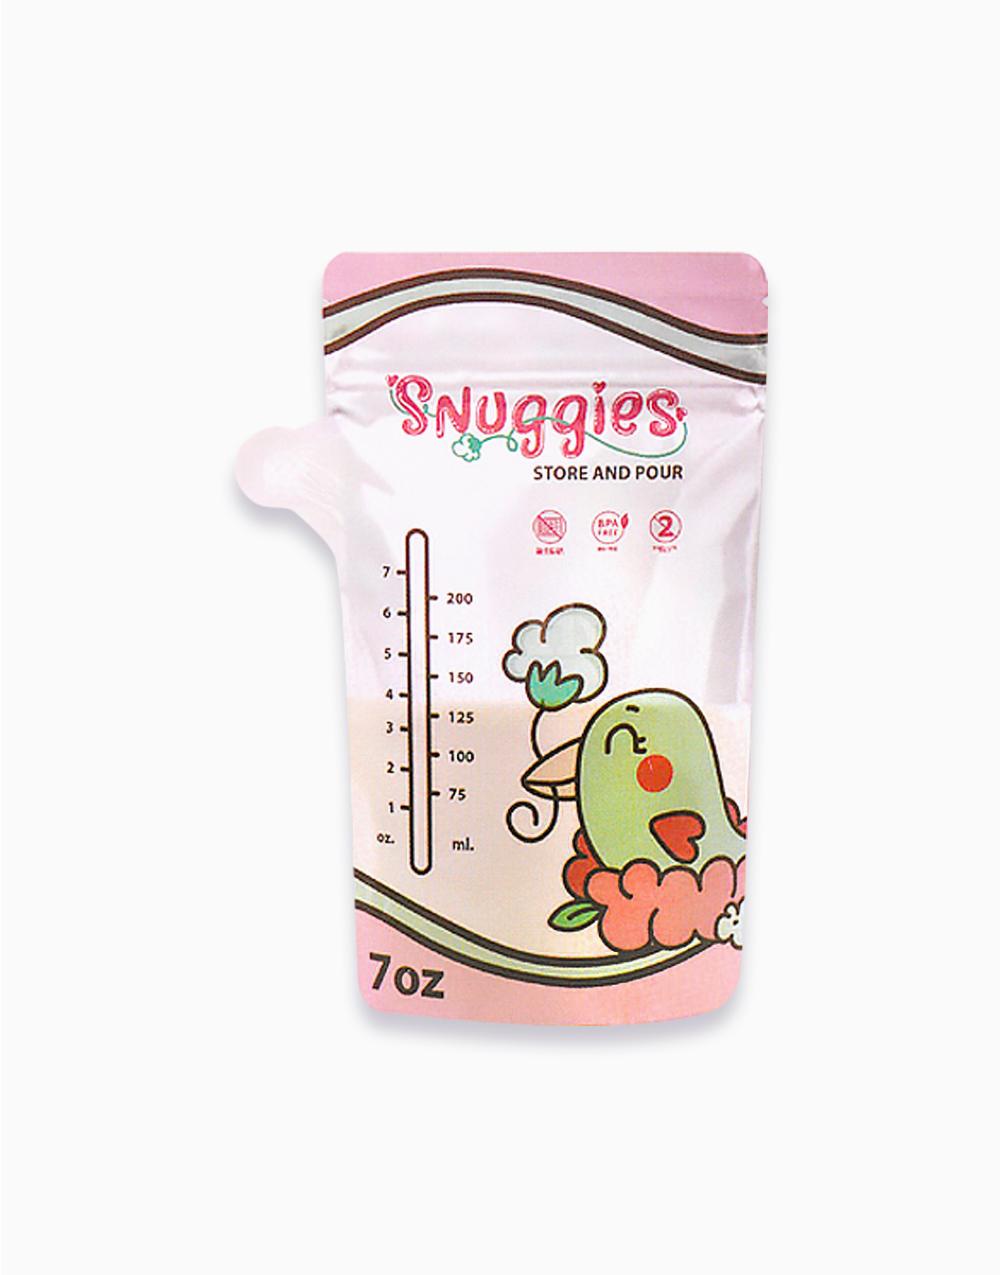 Snuggies Breastmilk Storage Bag (30s) by Snuggies